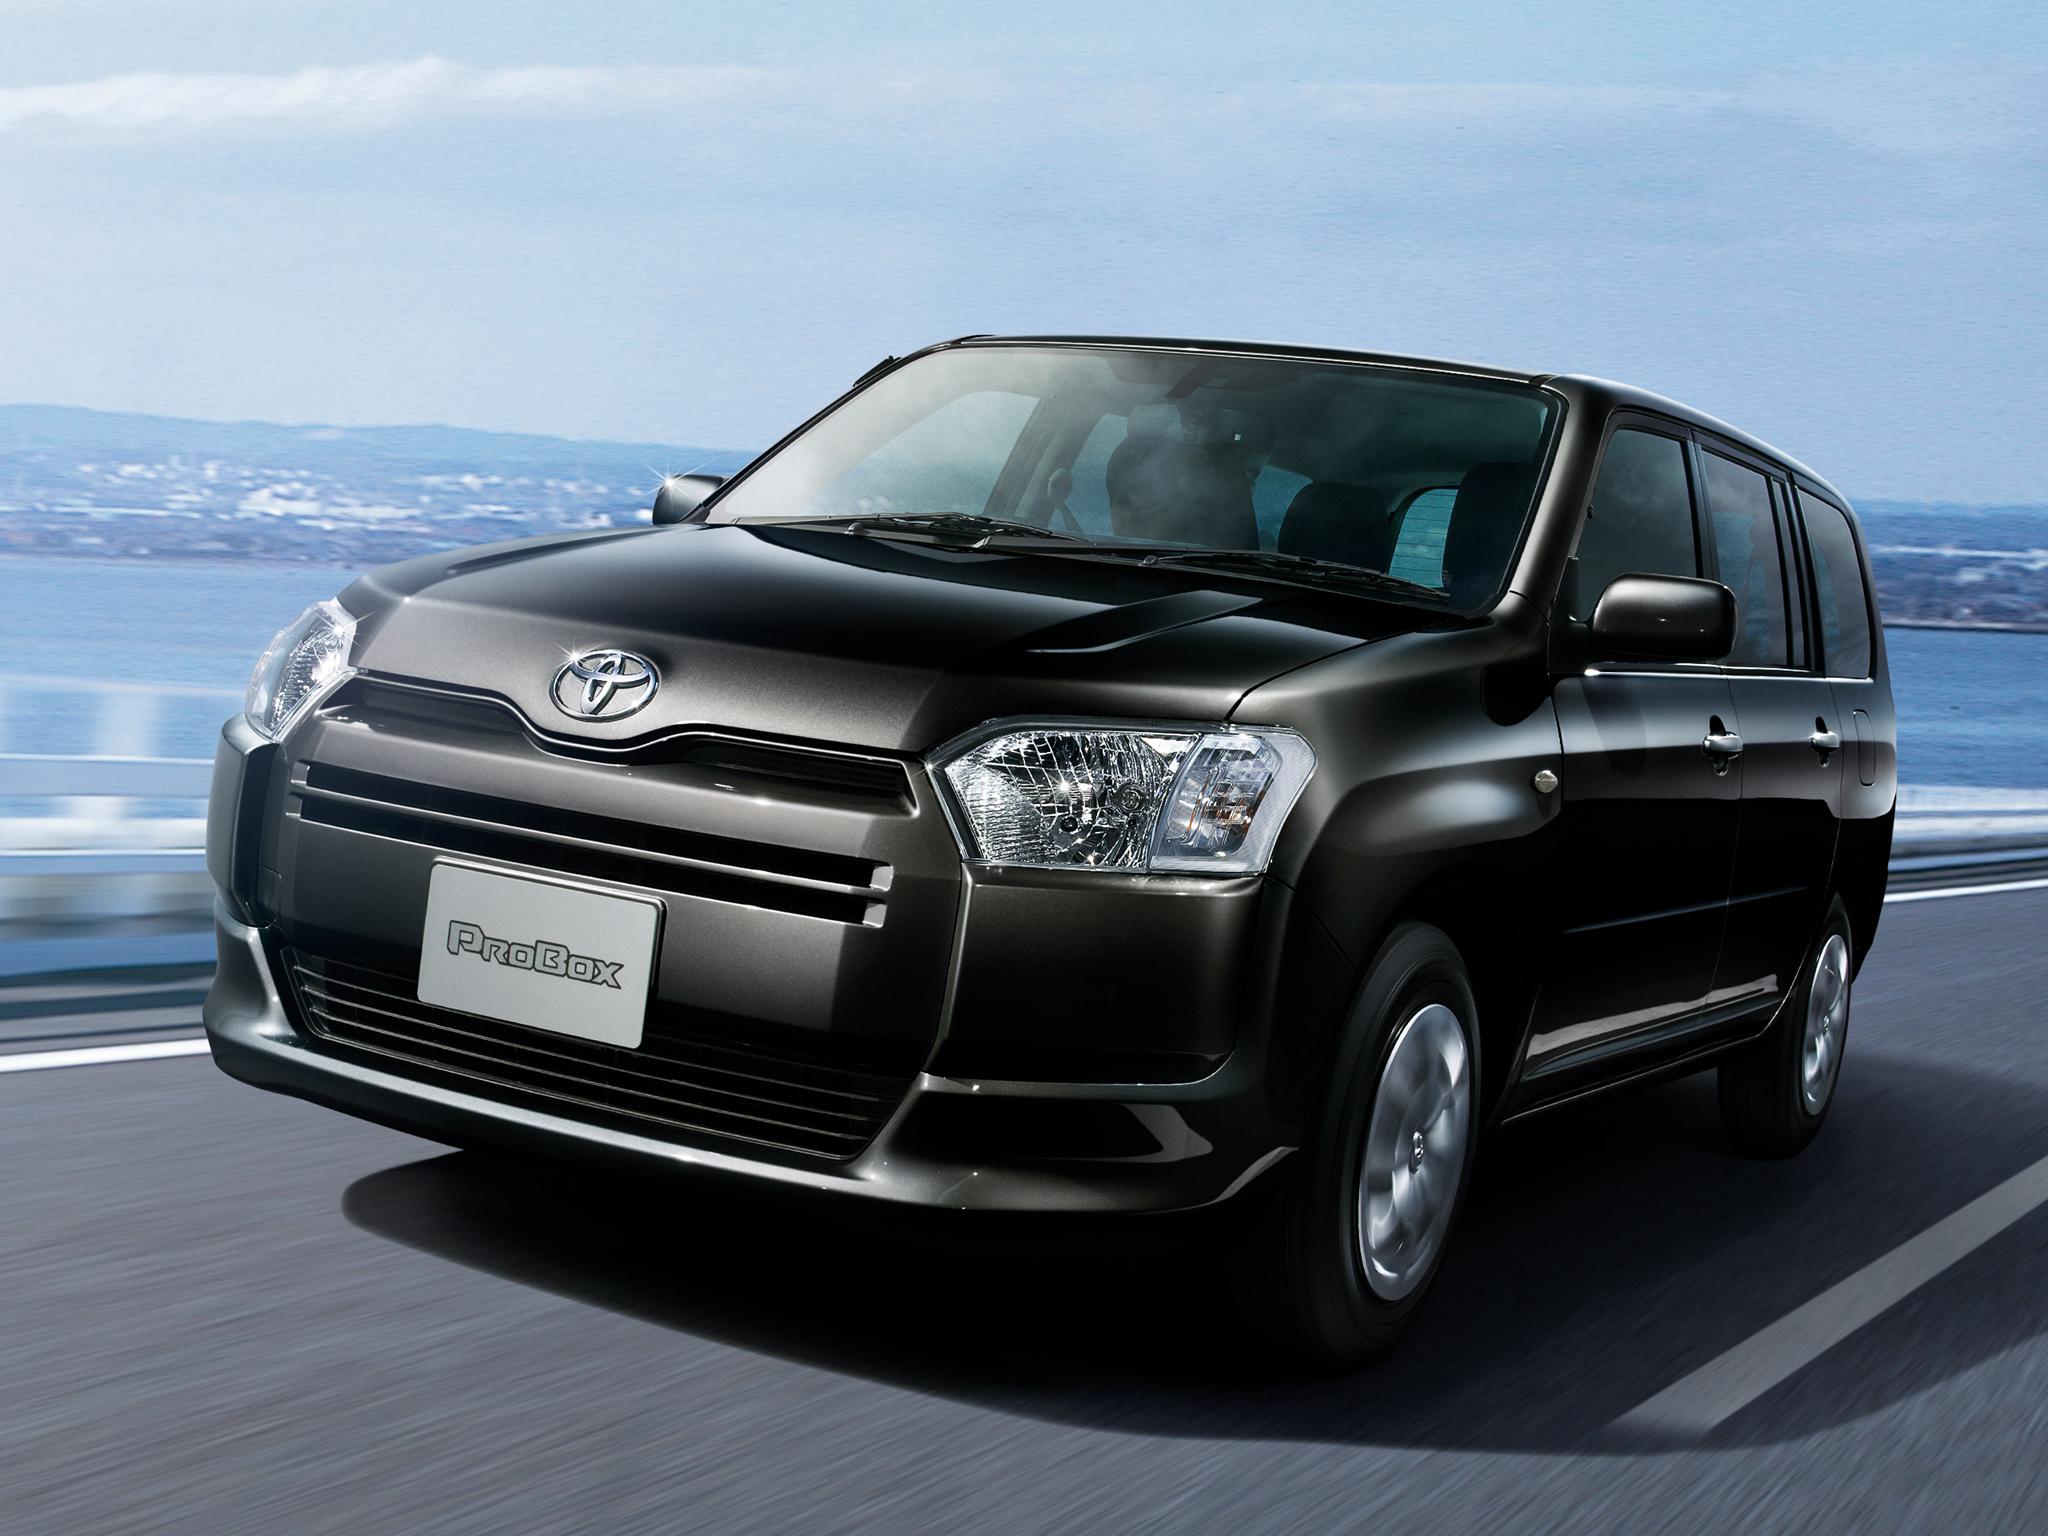 Pimped Out Toyotum Probox